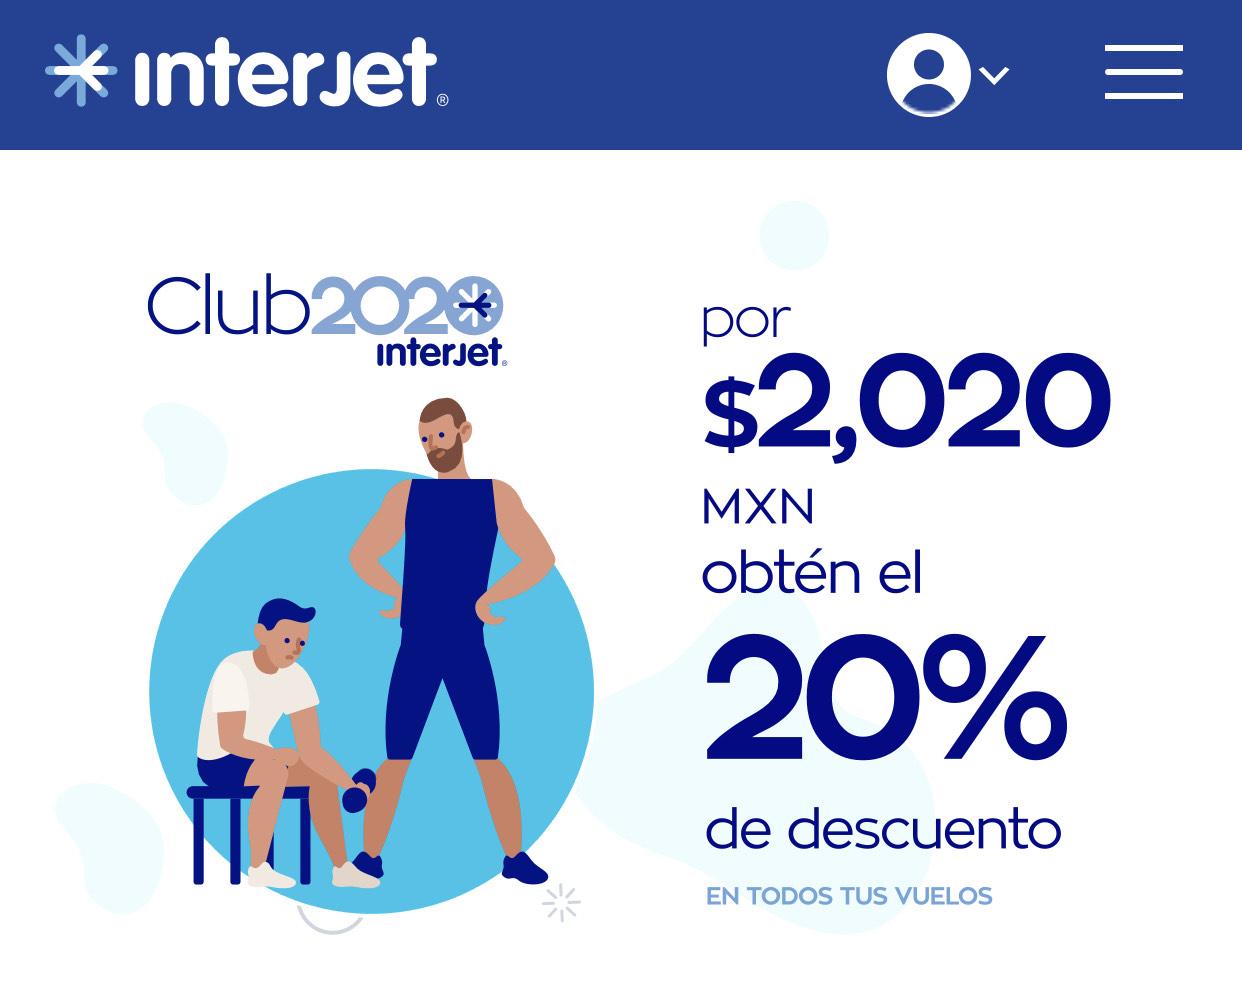 Interjet: Nueva Membresía 20% en Todos los Vuelos